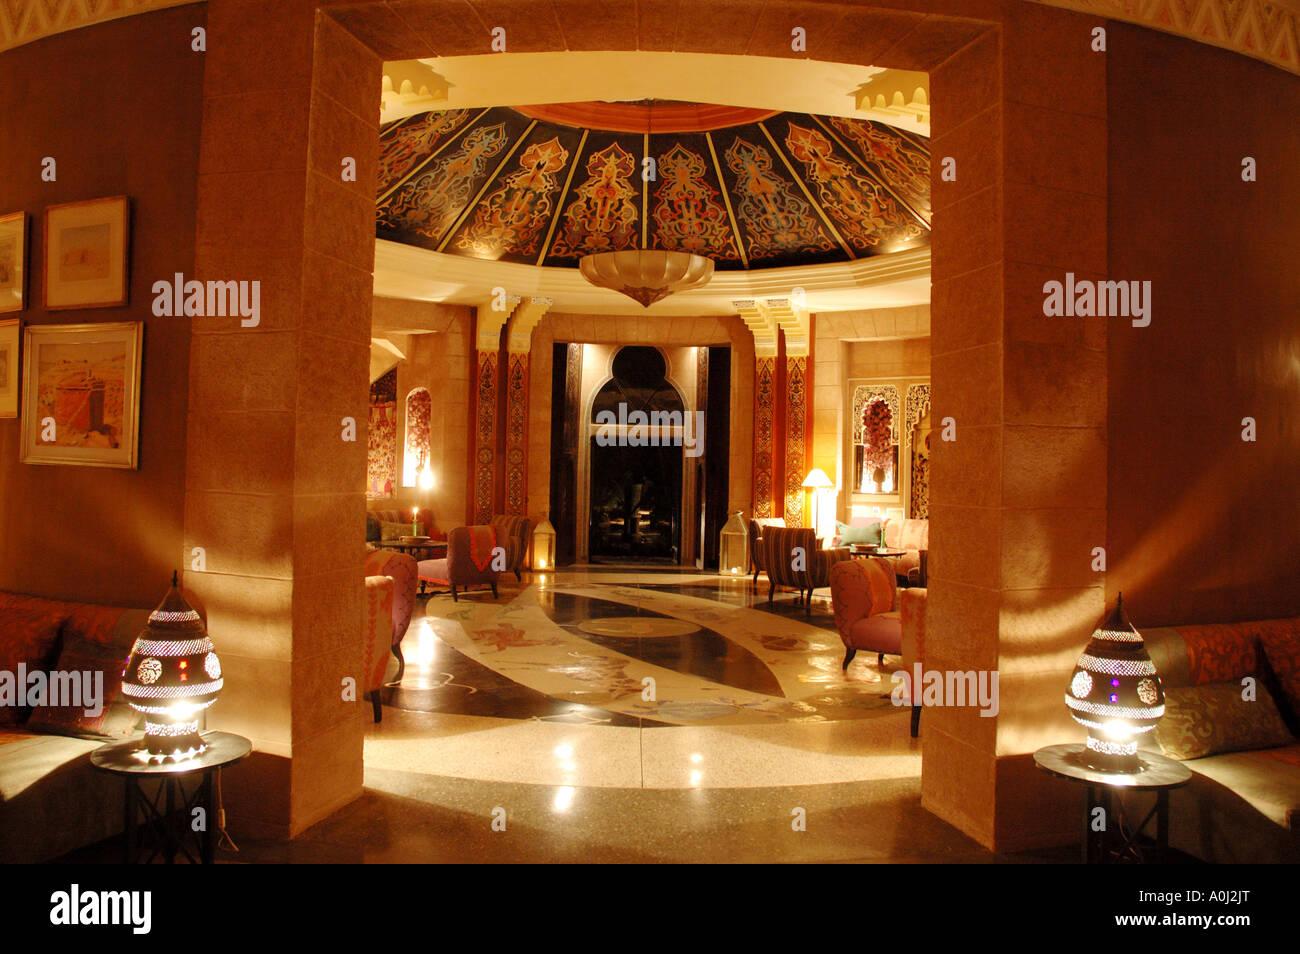 Interieur D Un Bar luxus resort hôtel la gazelle d'or . bar avec française d